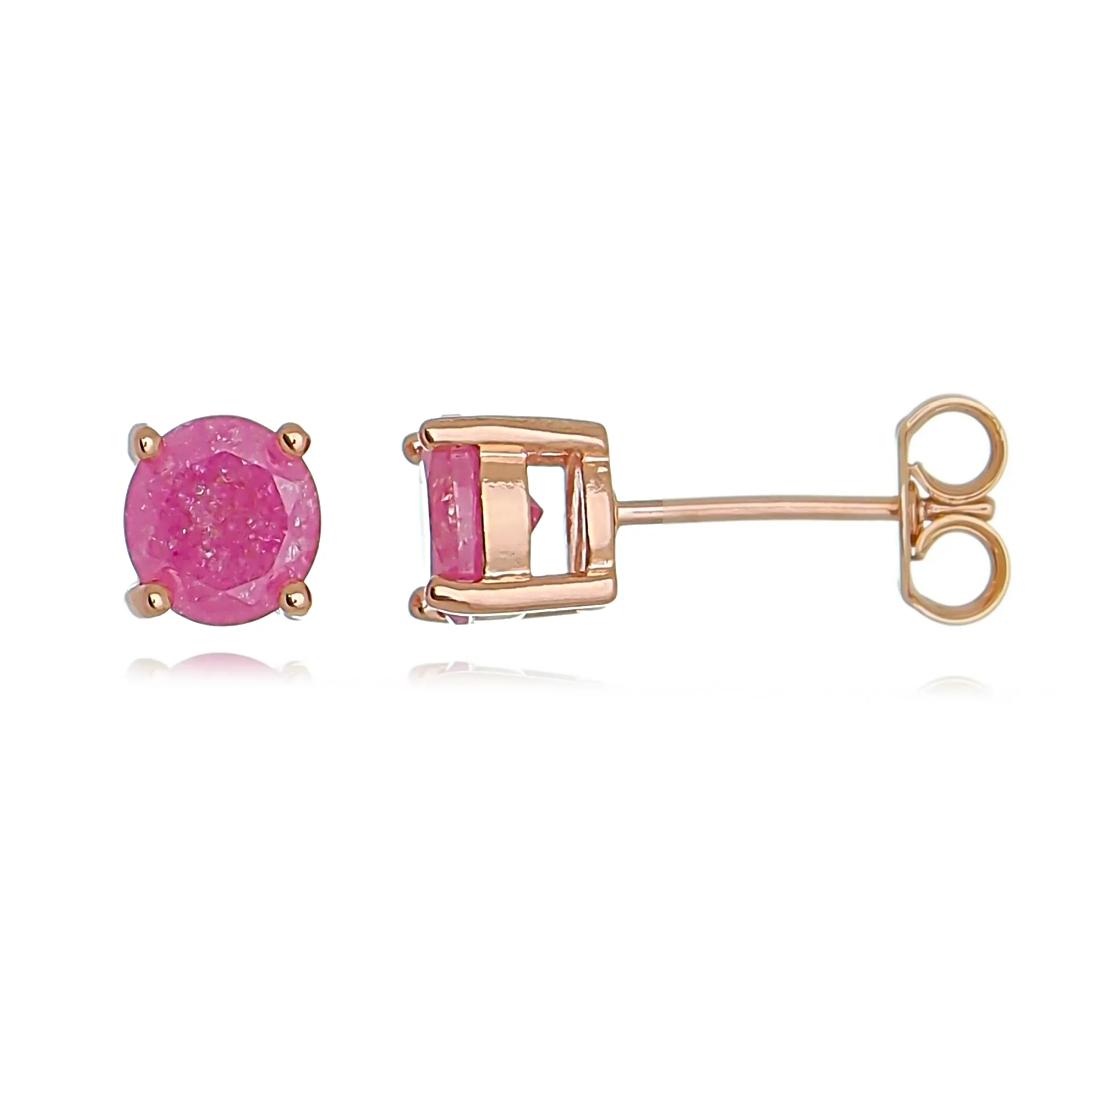 Brinco Delicado Ponto de Luz Rosa Fusion Banhado a Ouro Rosé Semijoia  - Soloyou